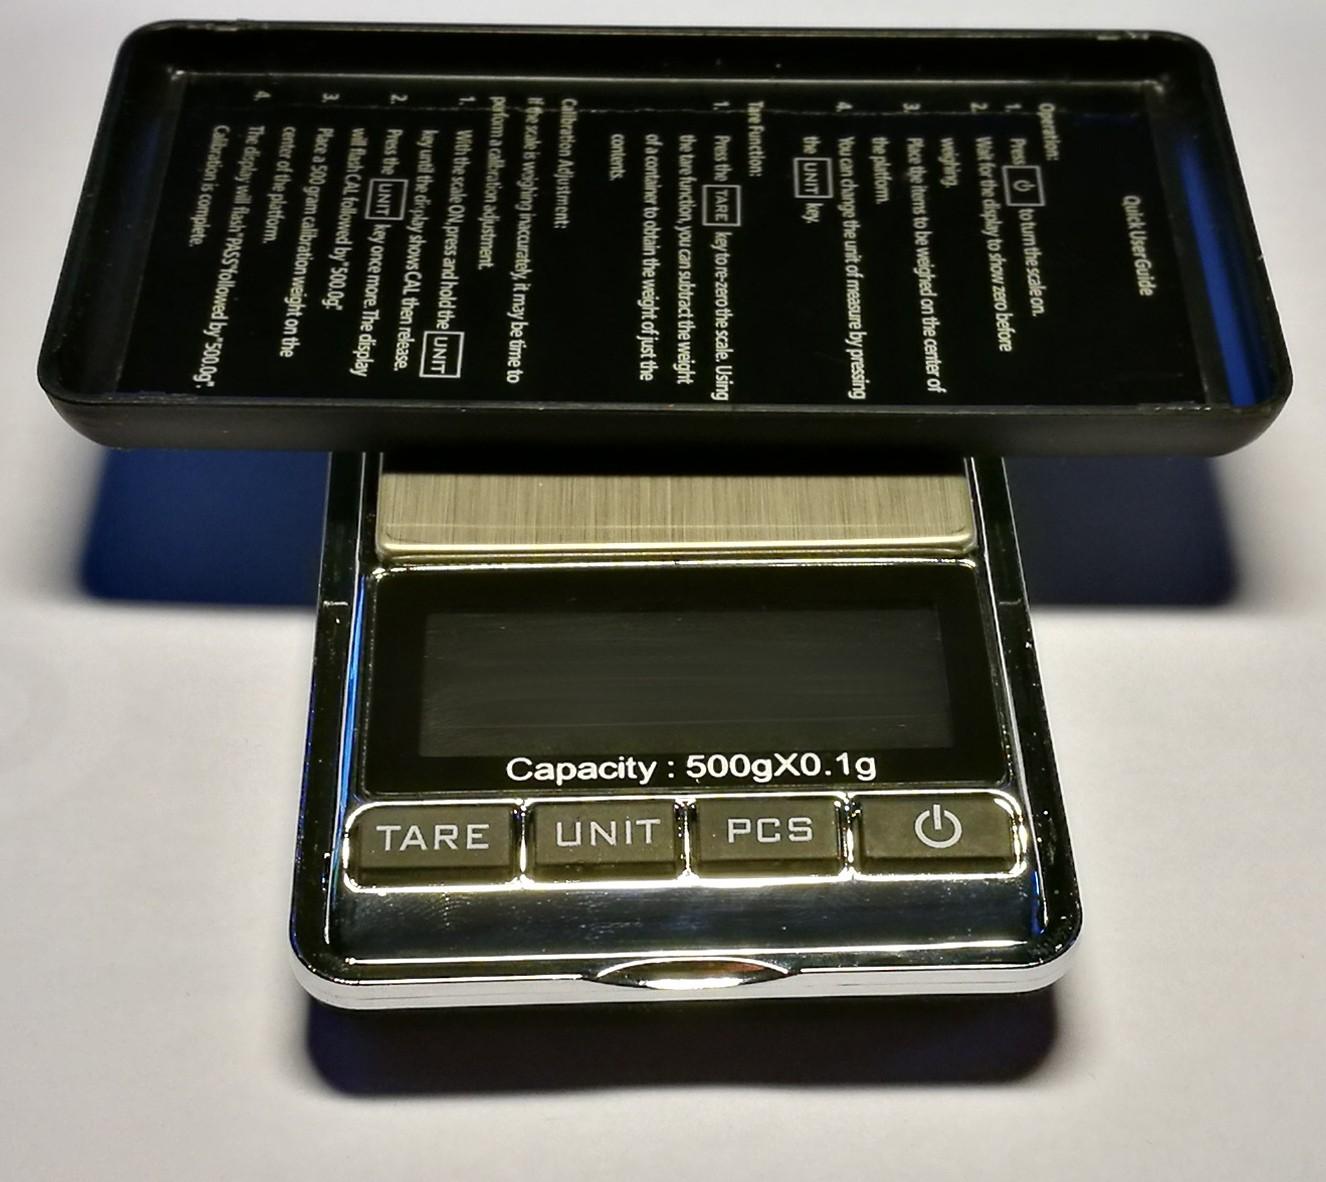 KL-117 Mini přesná digitální kapesní váha do 500g / 0,1g